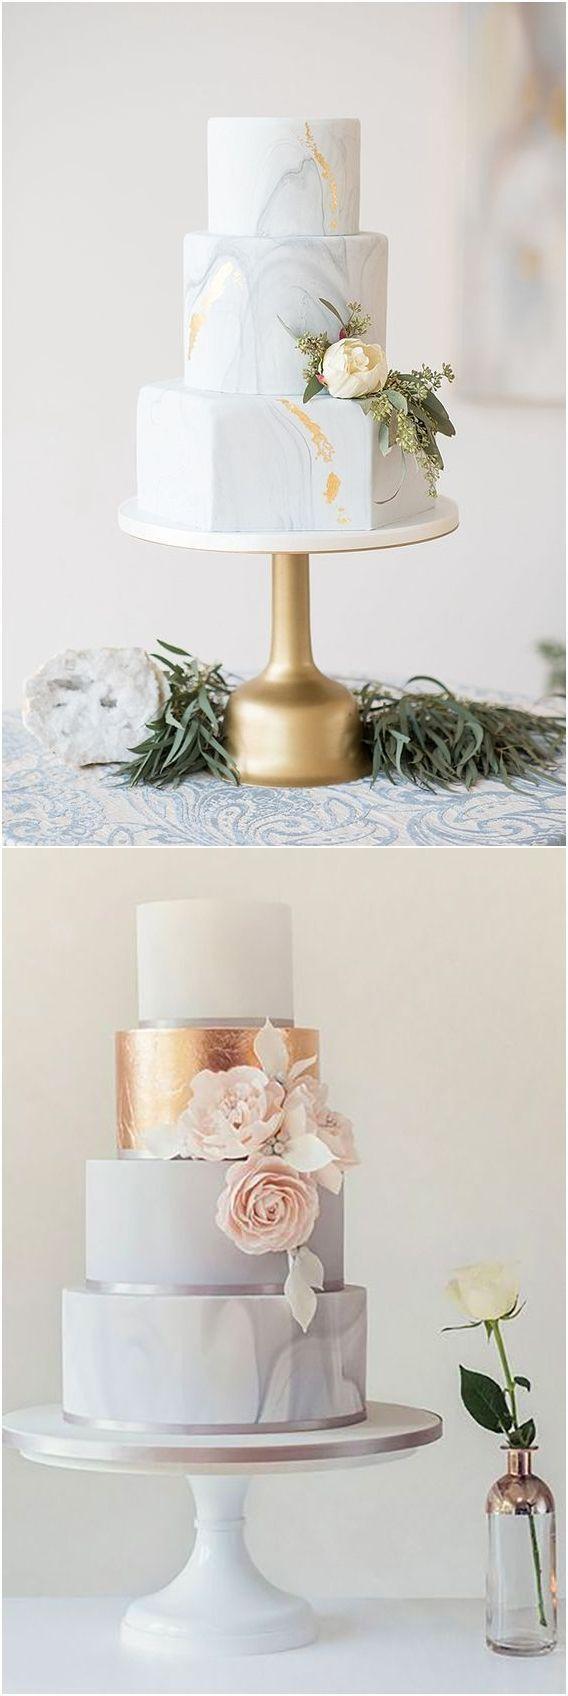 Marmor Hochzeitstorte Ideen #Hochzeiten #Hochzeitstorten #Kuchen ❤️ www.deerpearlflo …   – Cakes